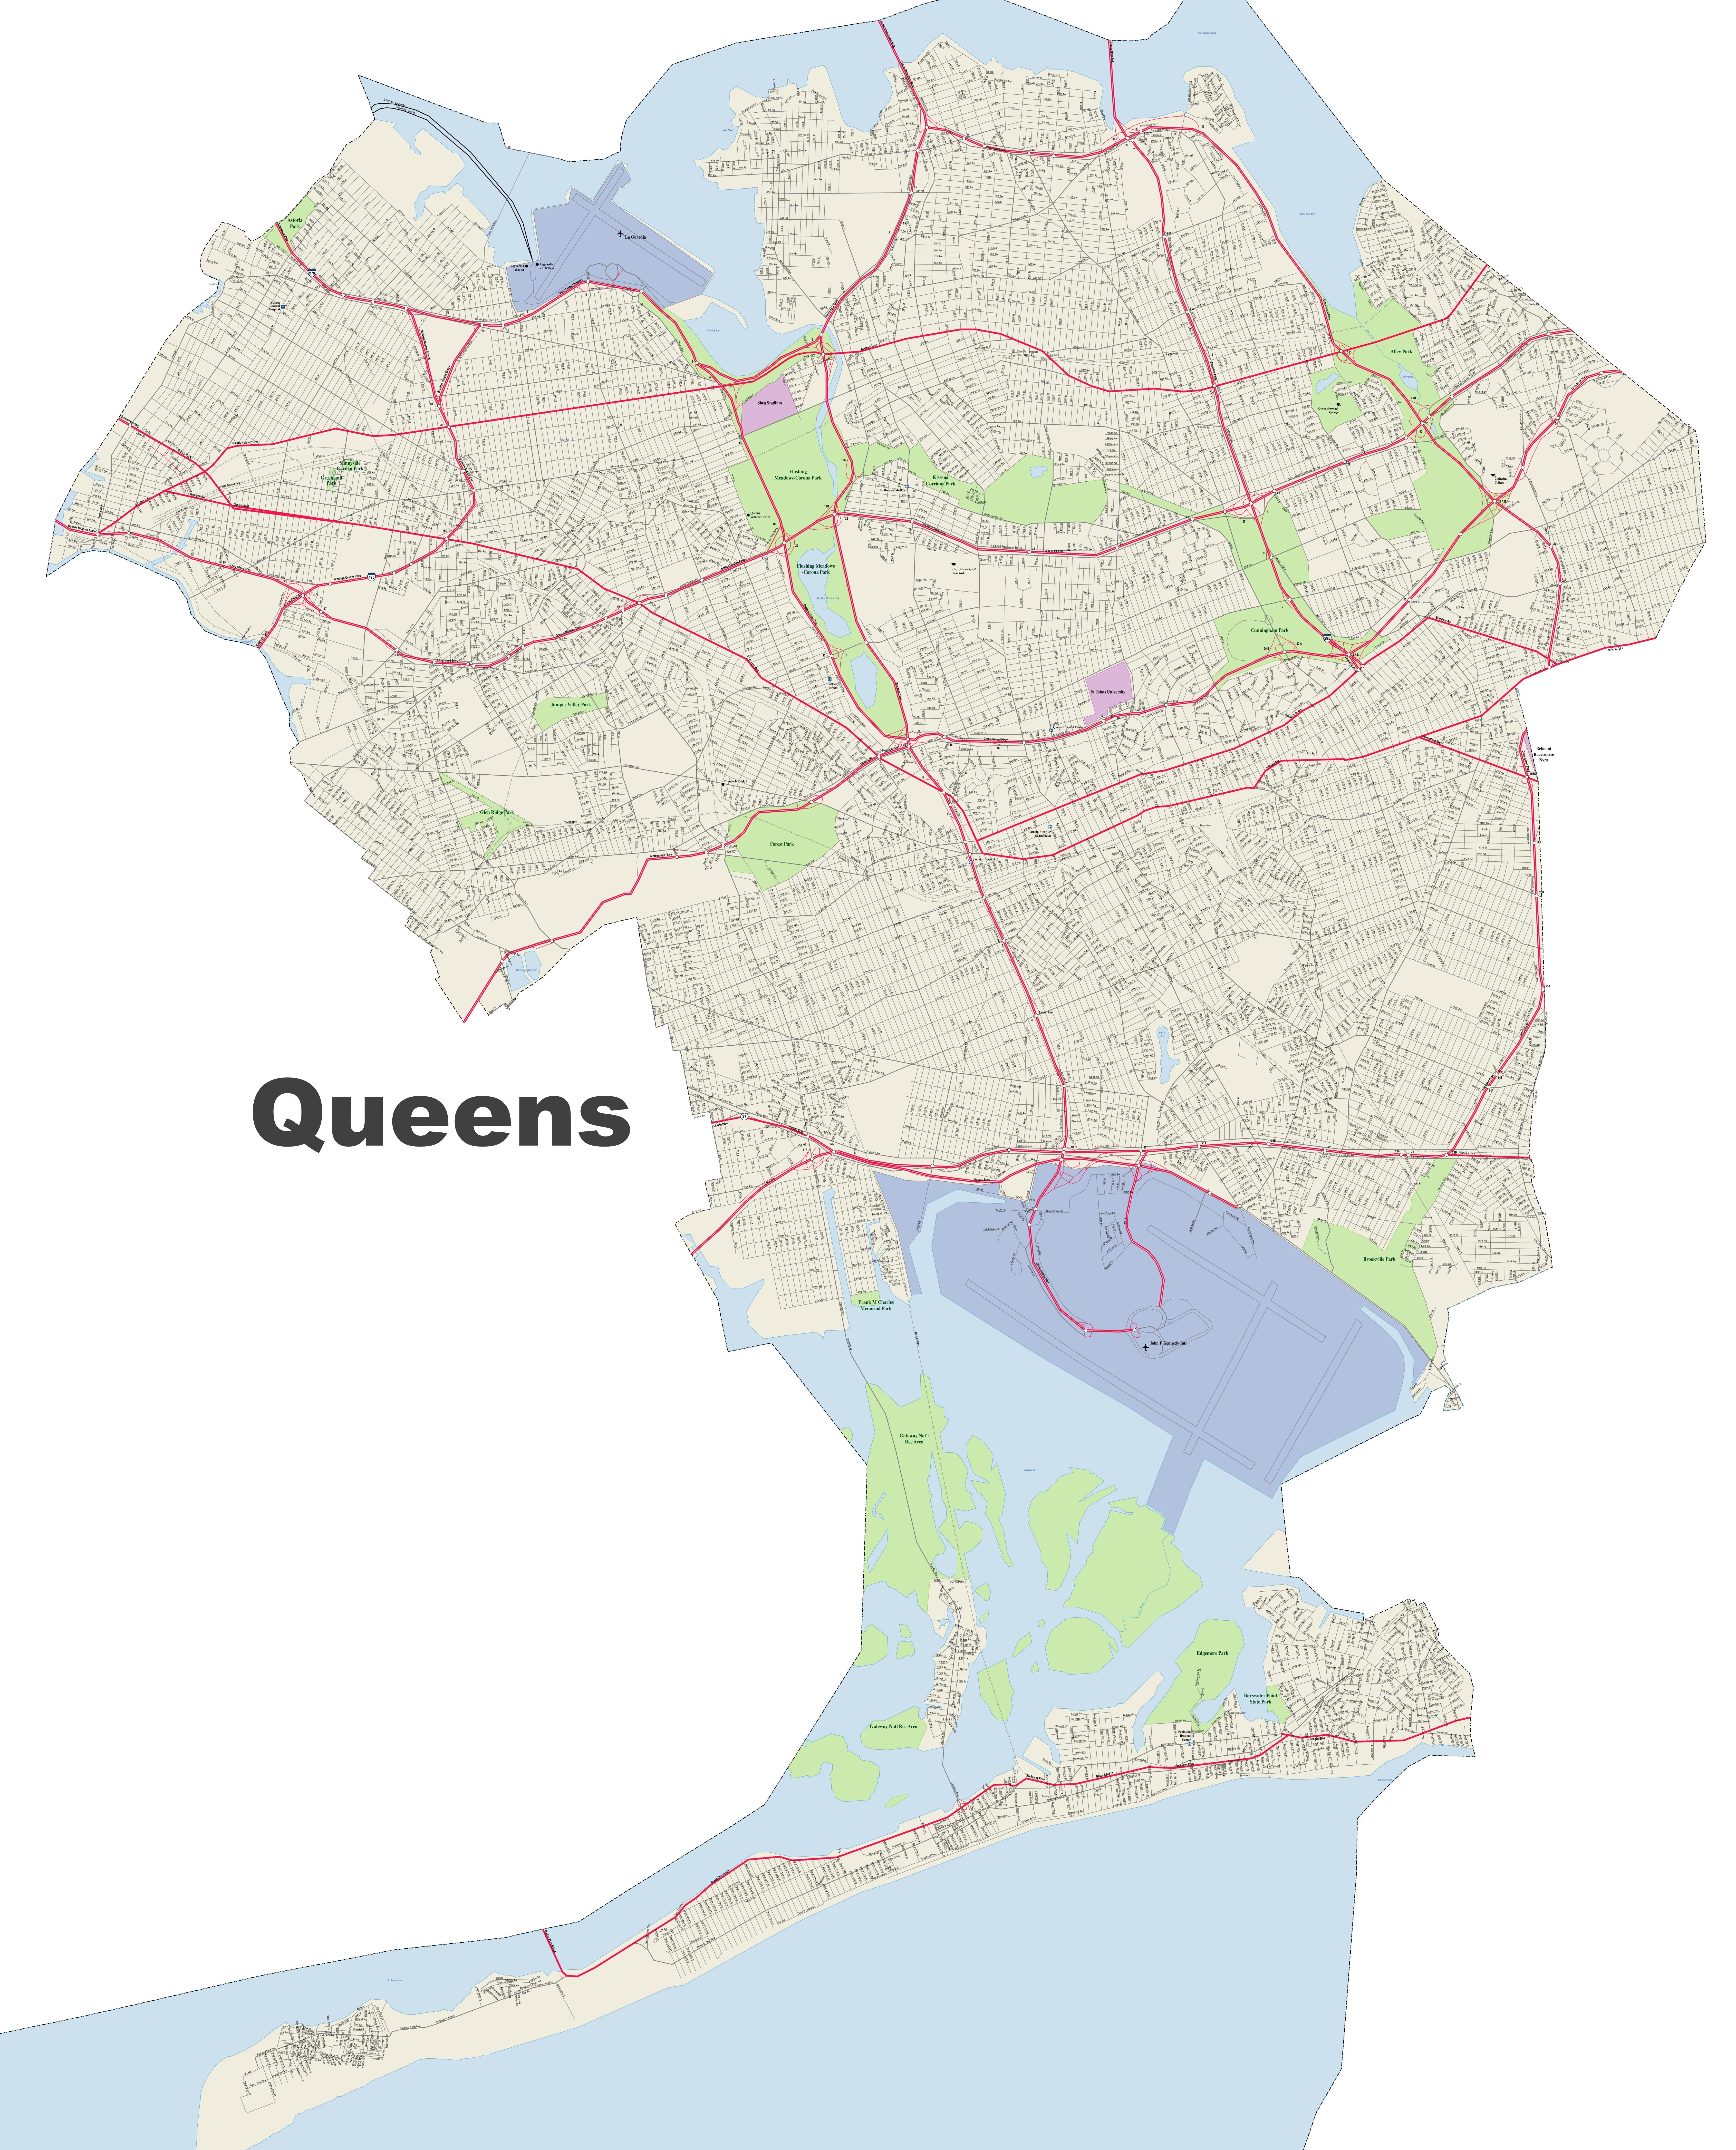 Queens street map